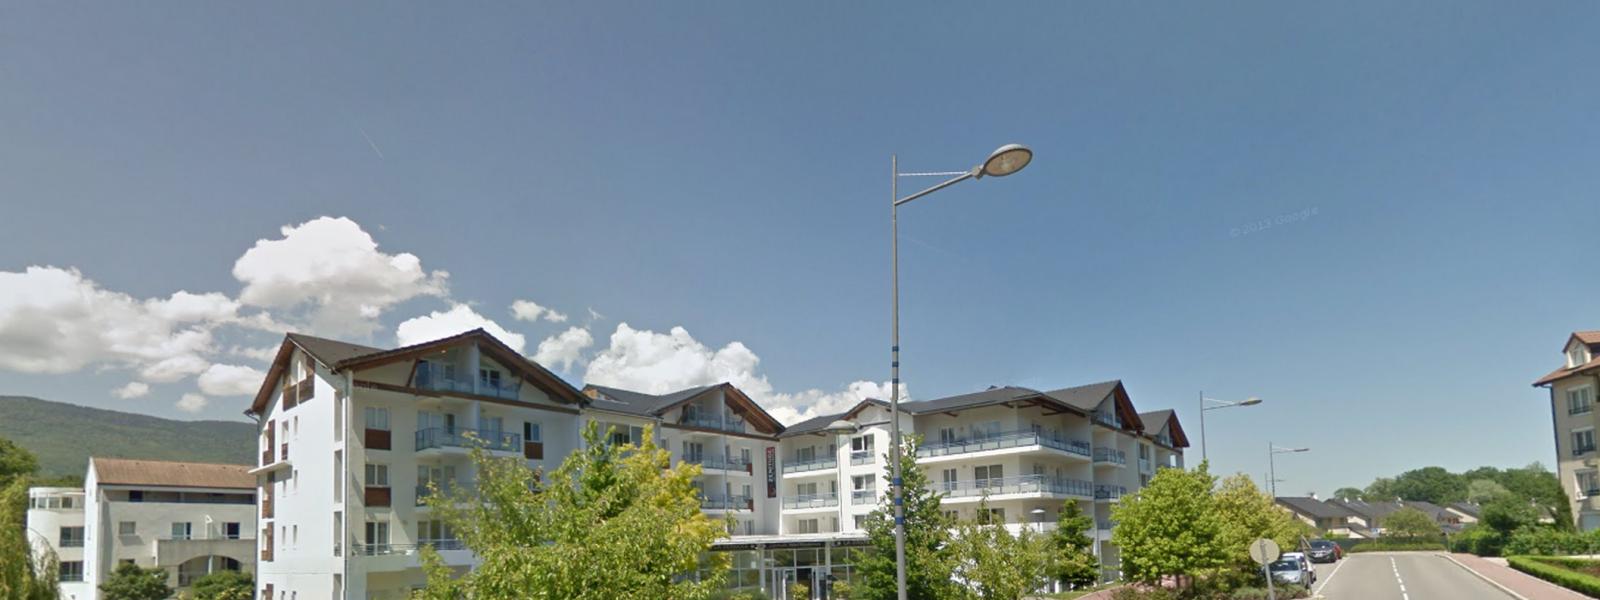 Impact Immobilier - Programme immobilier investisseur - Divonne les Bains - Appartement T1